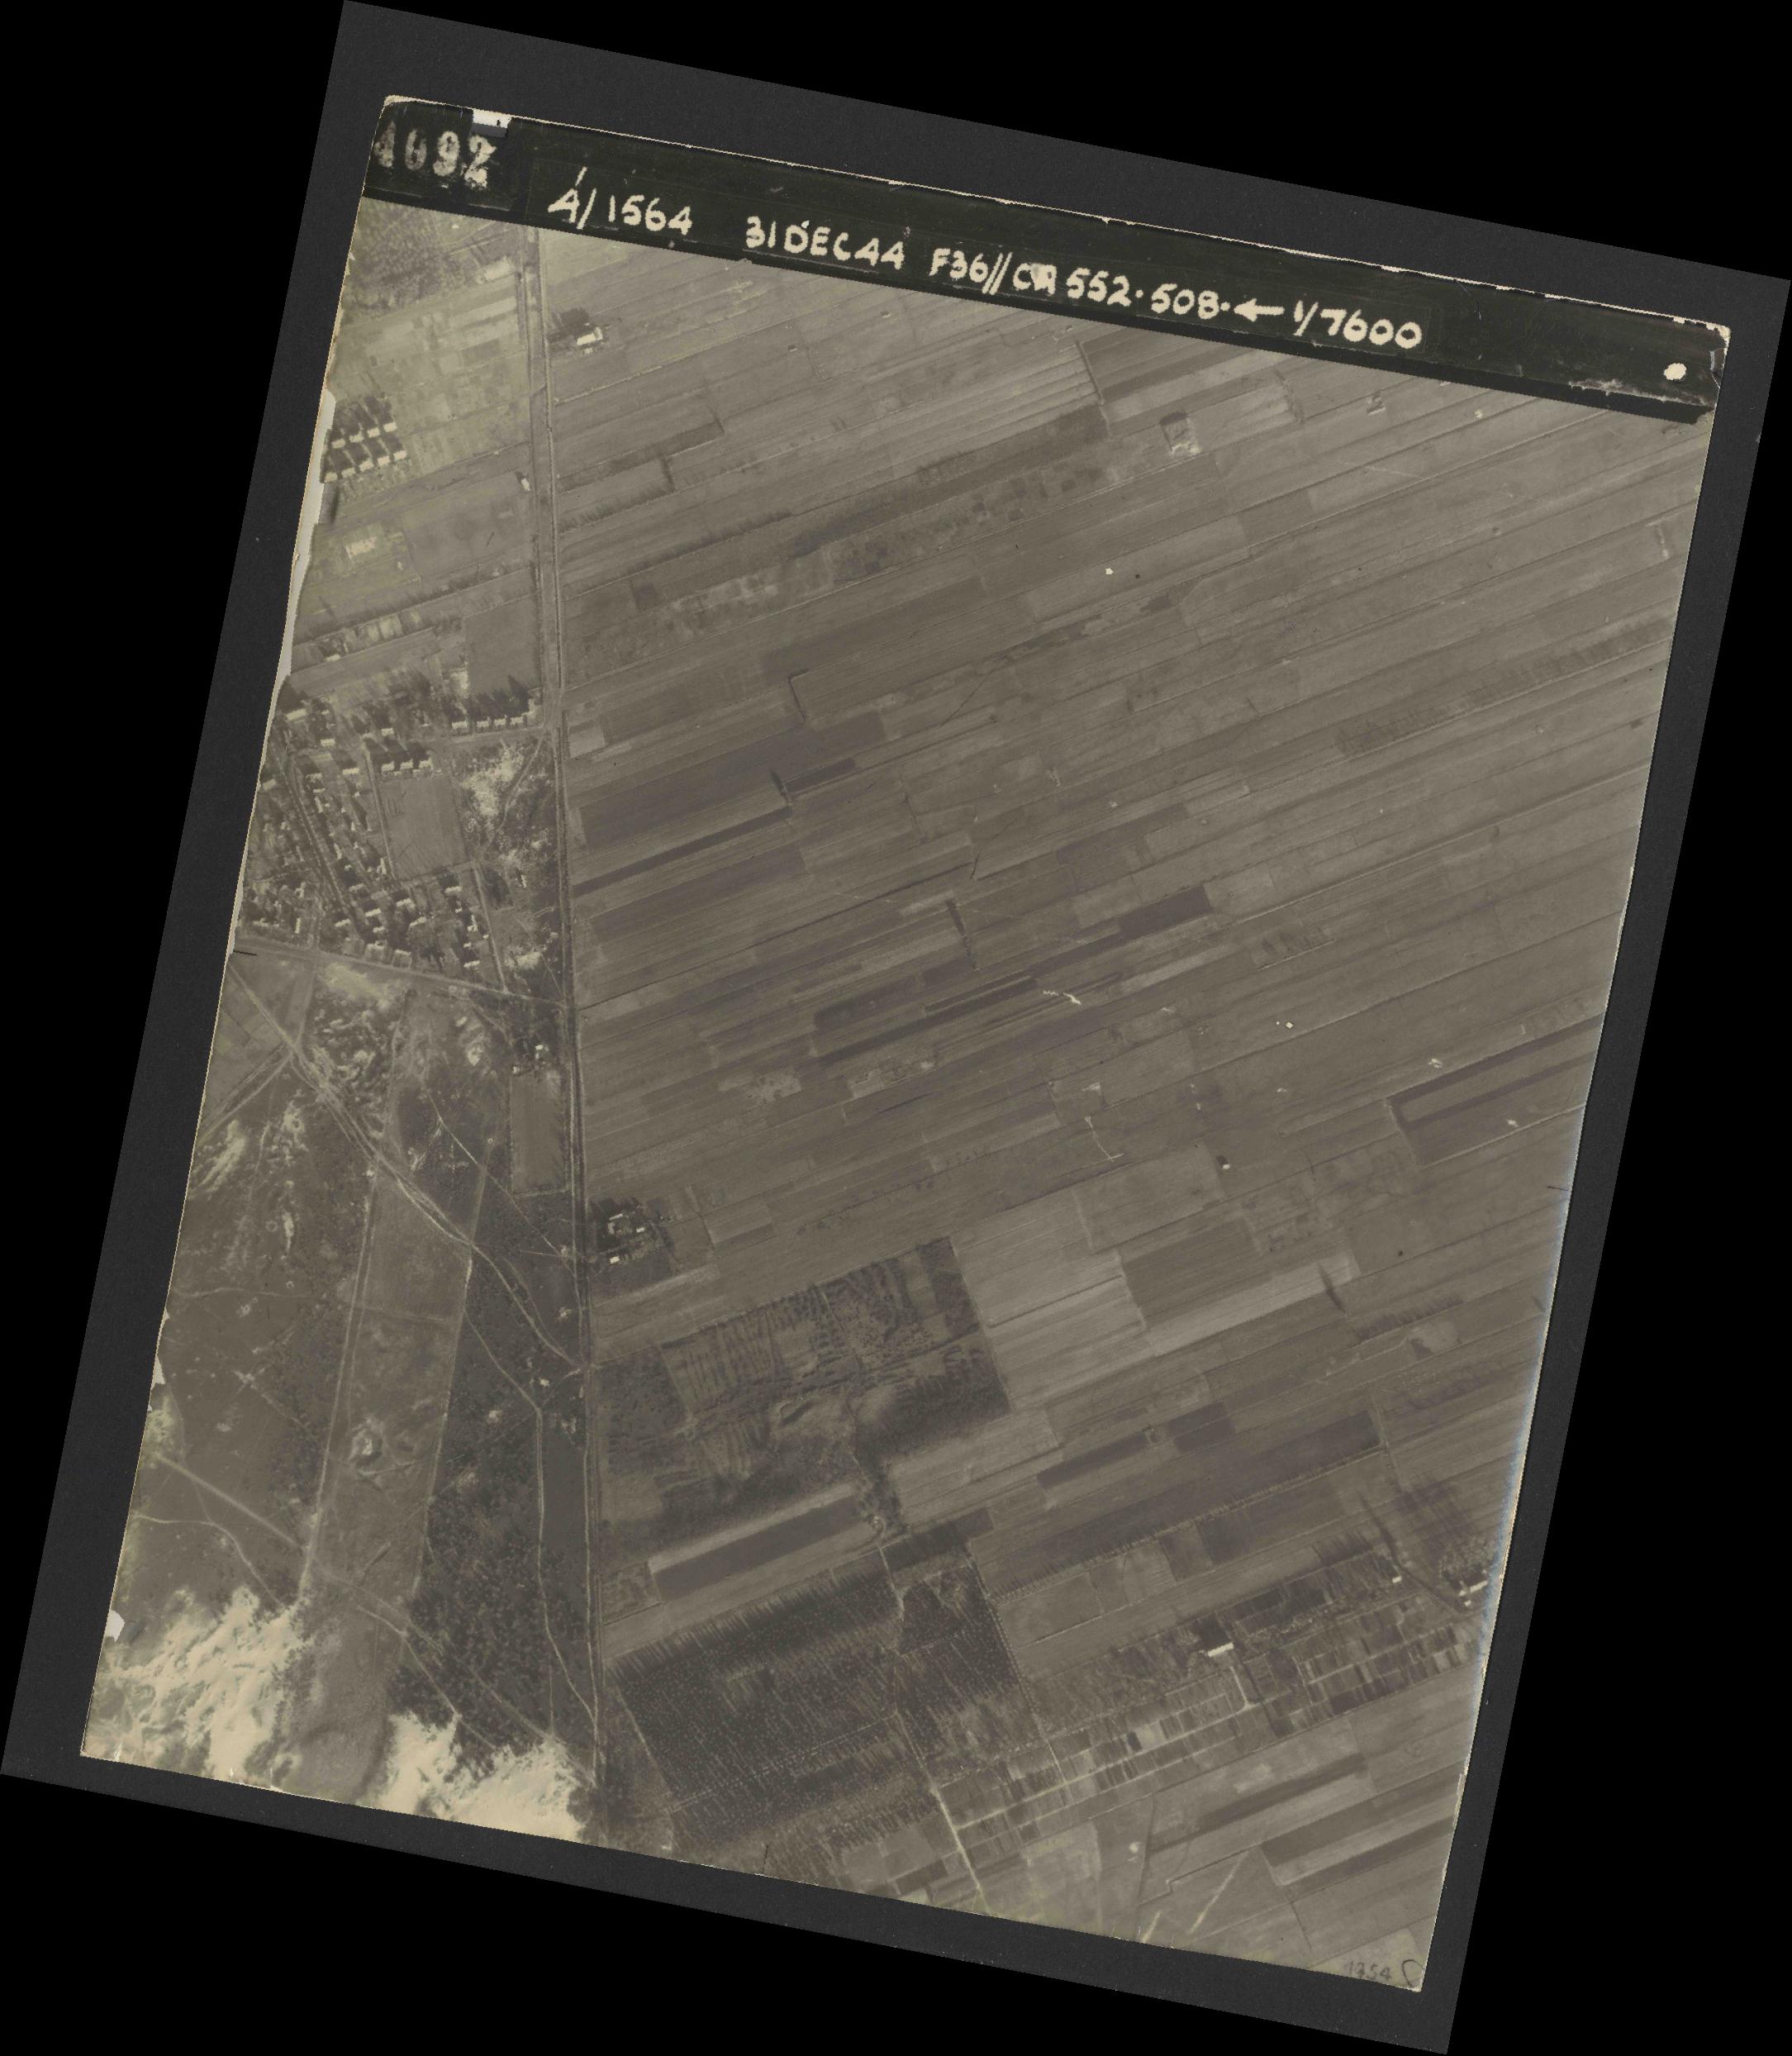 Collection RAF aerial photos 1940-1945 - flight 351, run 04, photo 4092